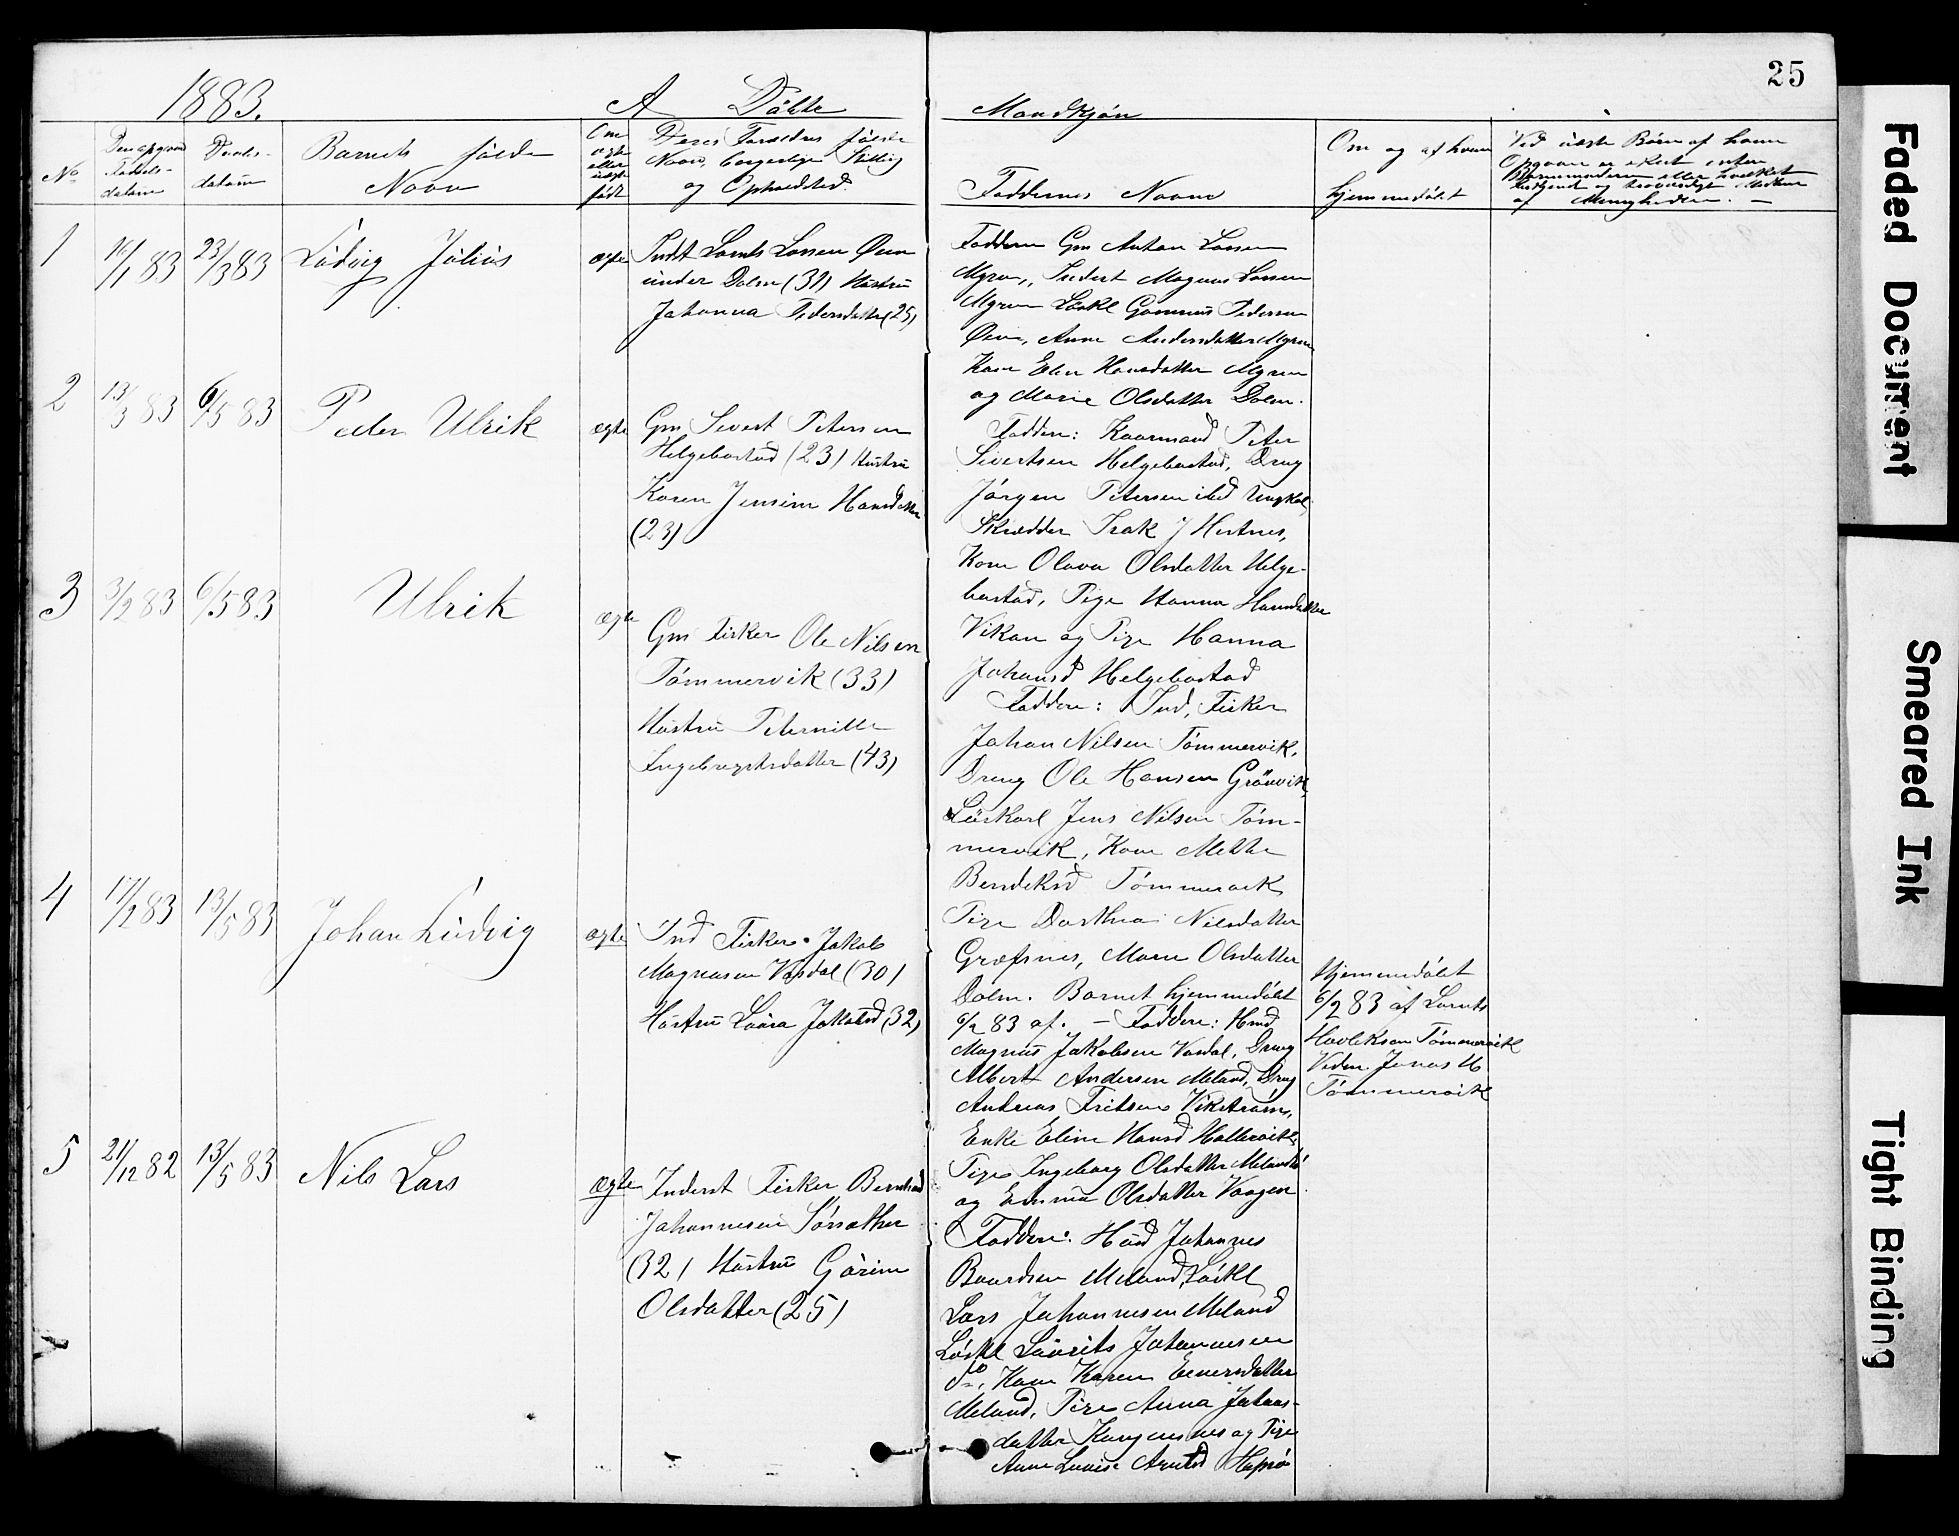 SAT, Ministerialprotokoller, klokkerbøker og fødselsregistre - Sør-Trøndelag, 634/L0541: Klokkerbok nr. 634C03, 1874-1891, s. 25